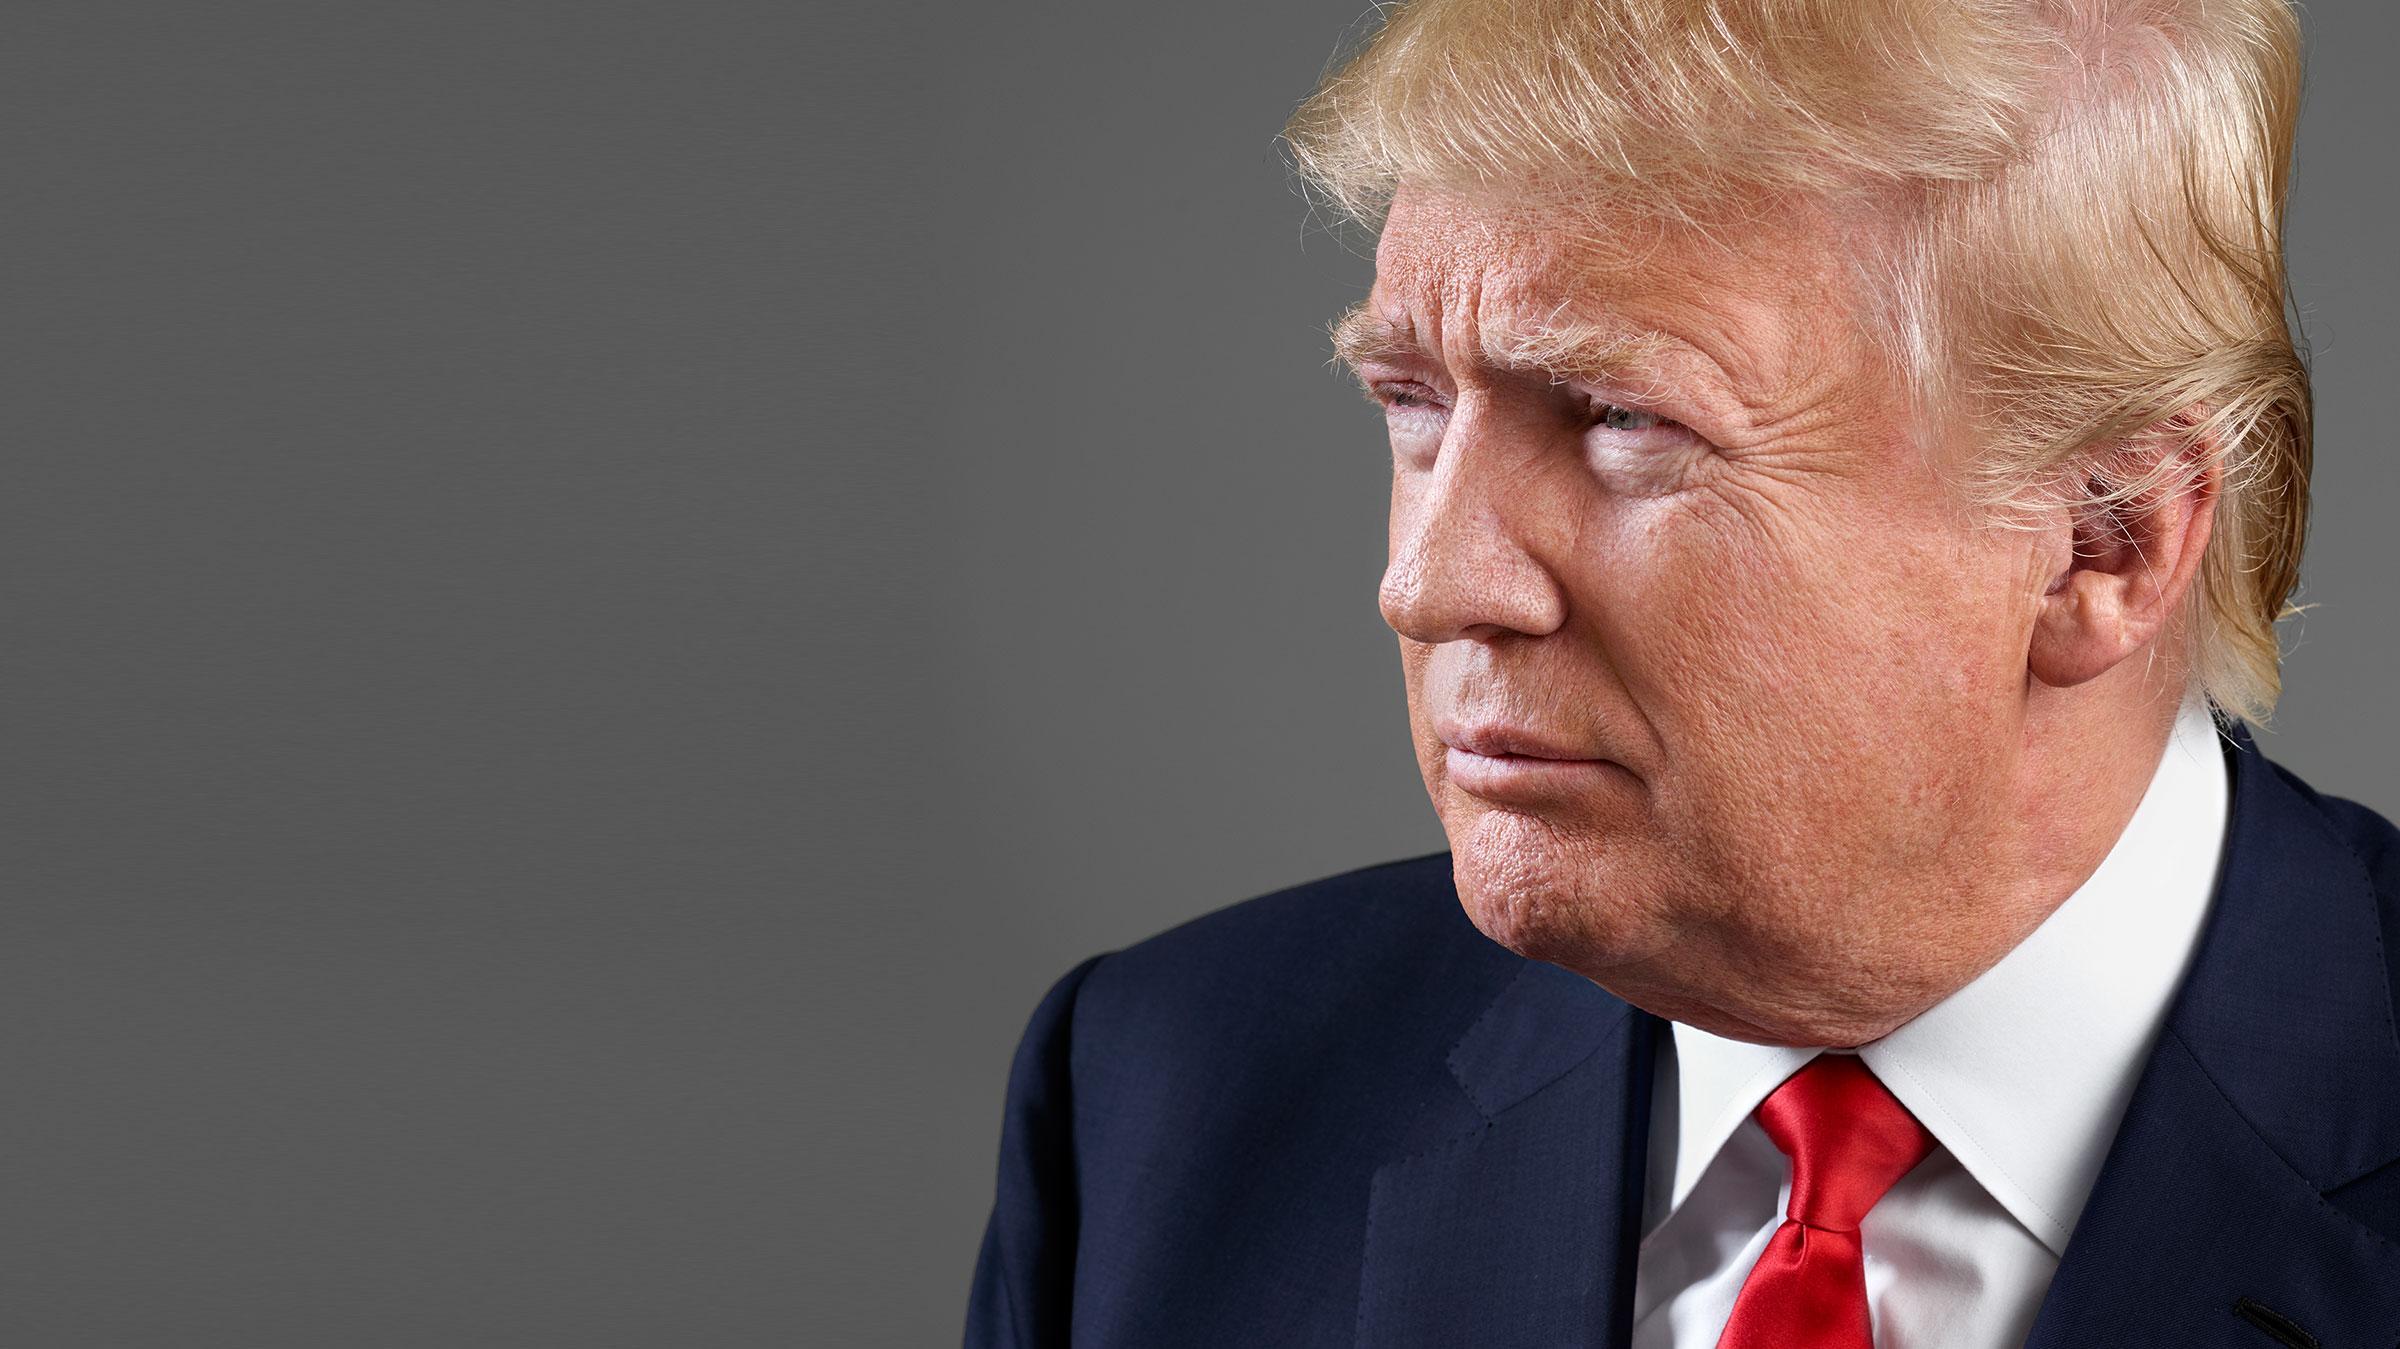 """صورة لماذا استخدم حارس ترامب """"يدين اصطناعيتين""""؟.. شاهد"""